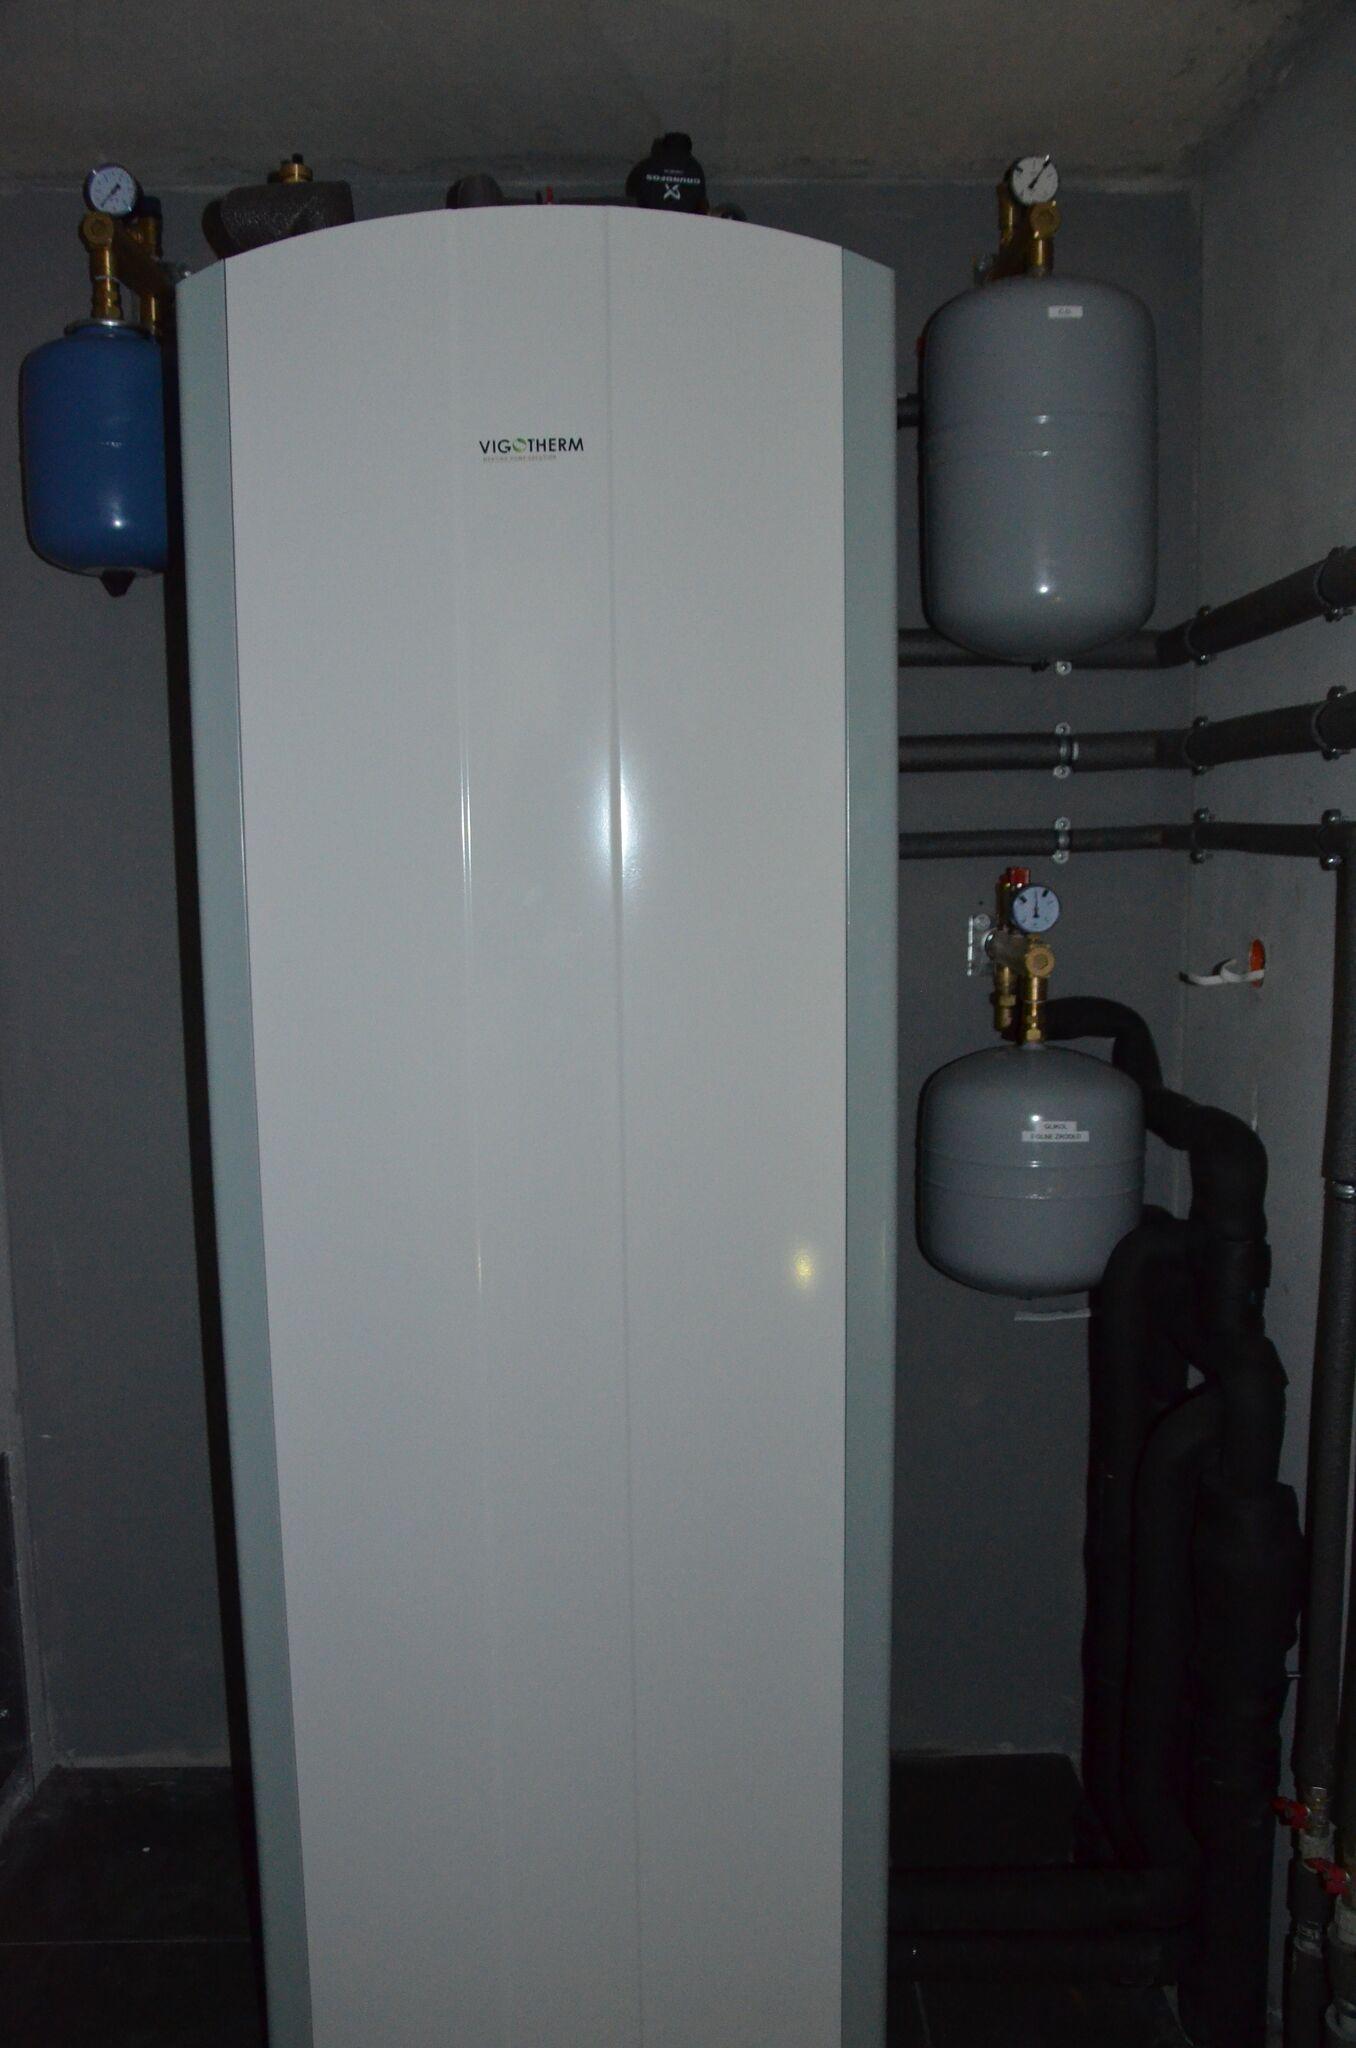 Instalacja pompy ciepła Vigotherm w Kowalewie Pomorskim